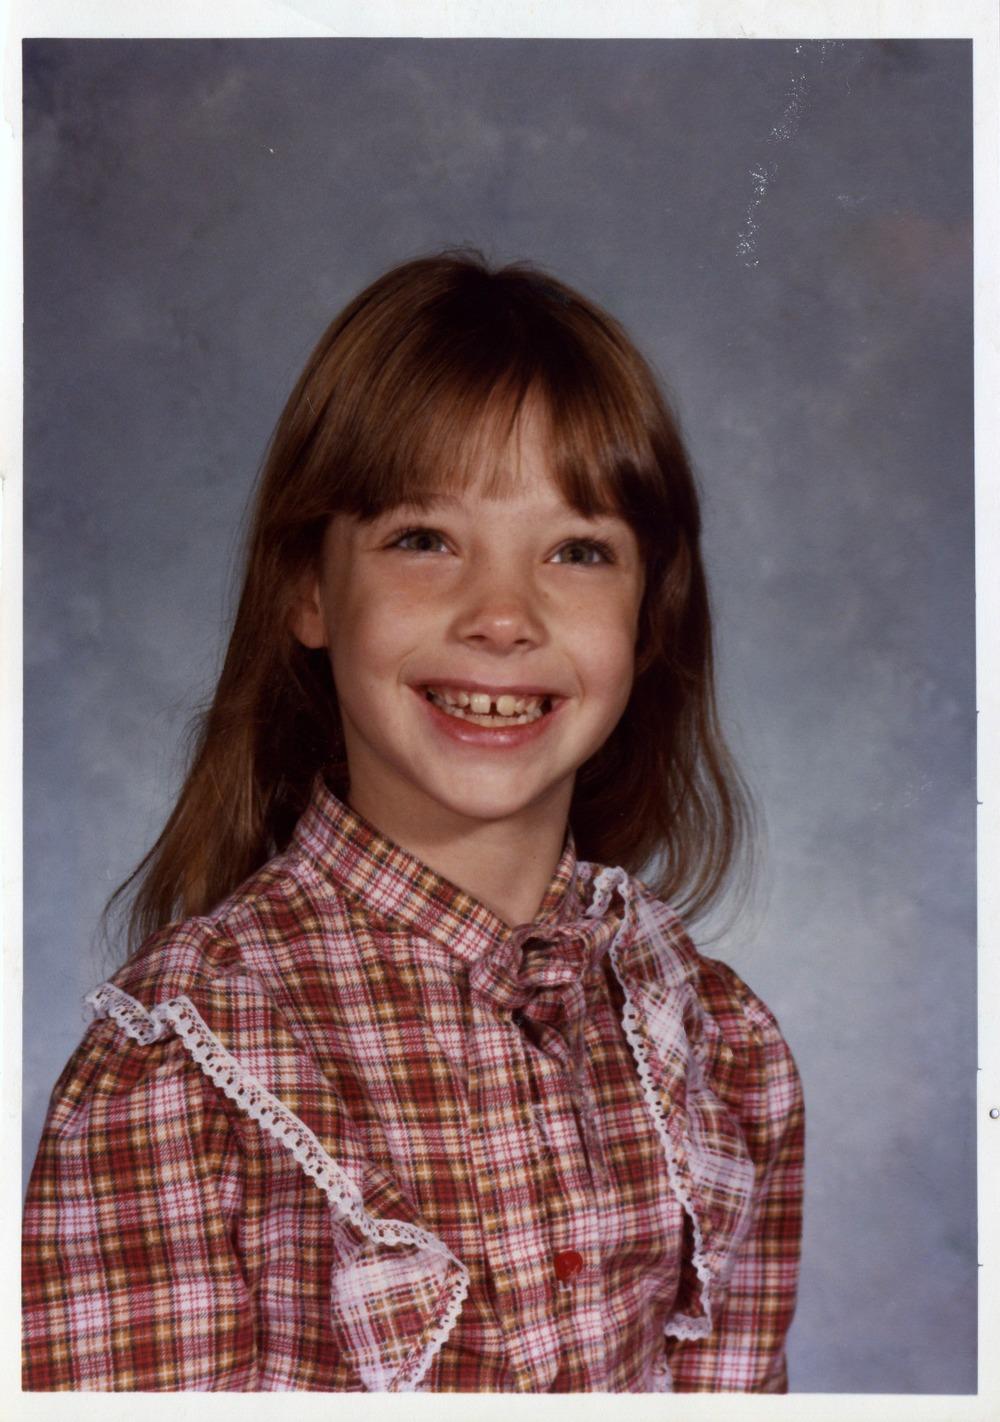 Me, Second Grade